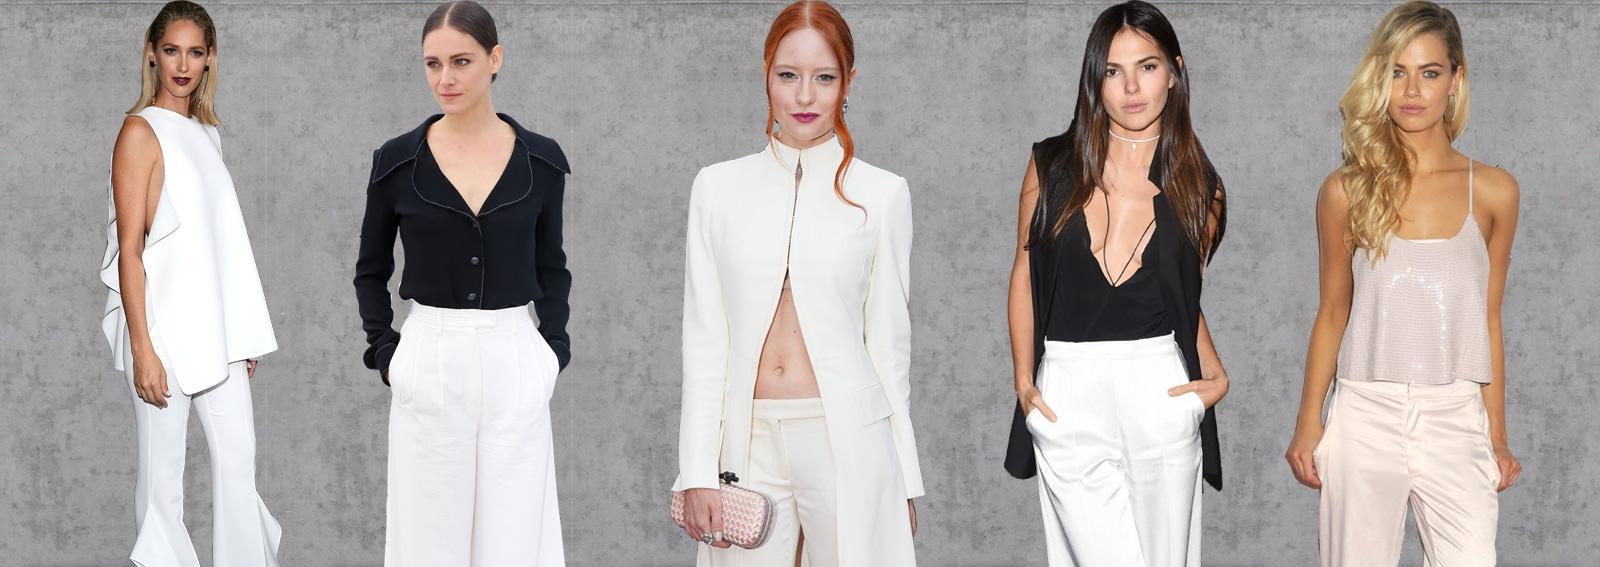 cover pantaloni bianchi ecco come li indossano le star dekstop